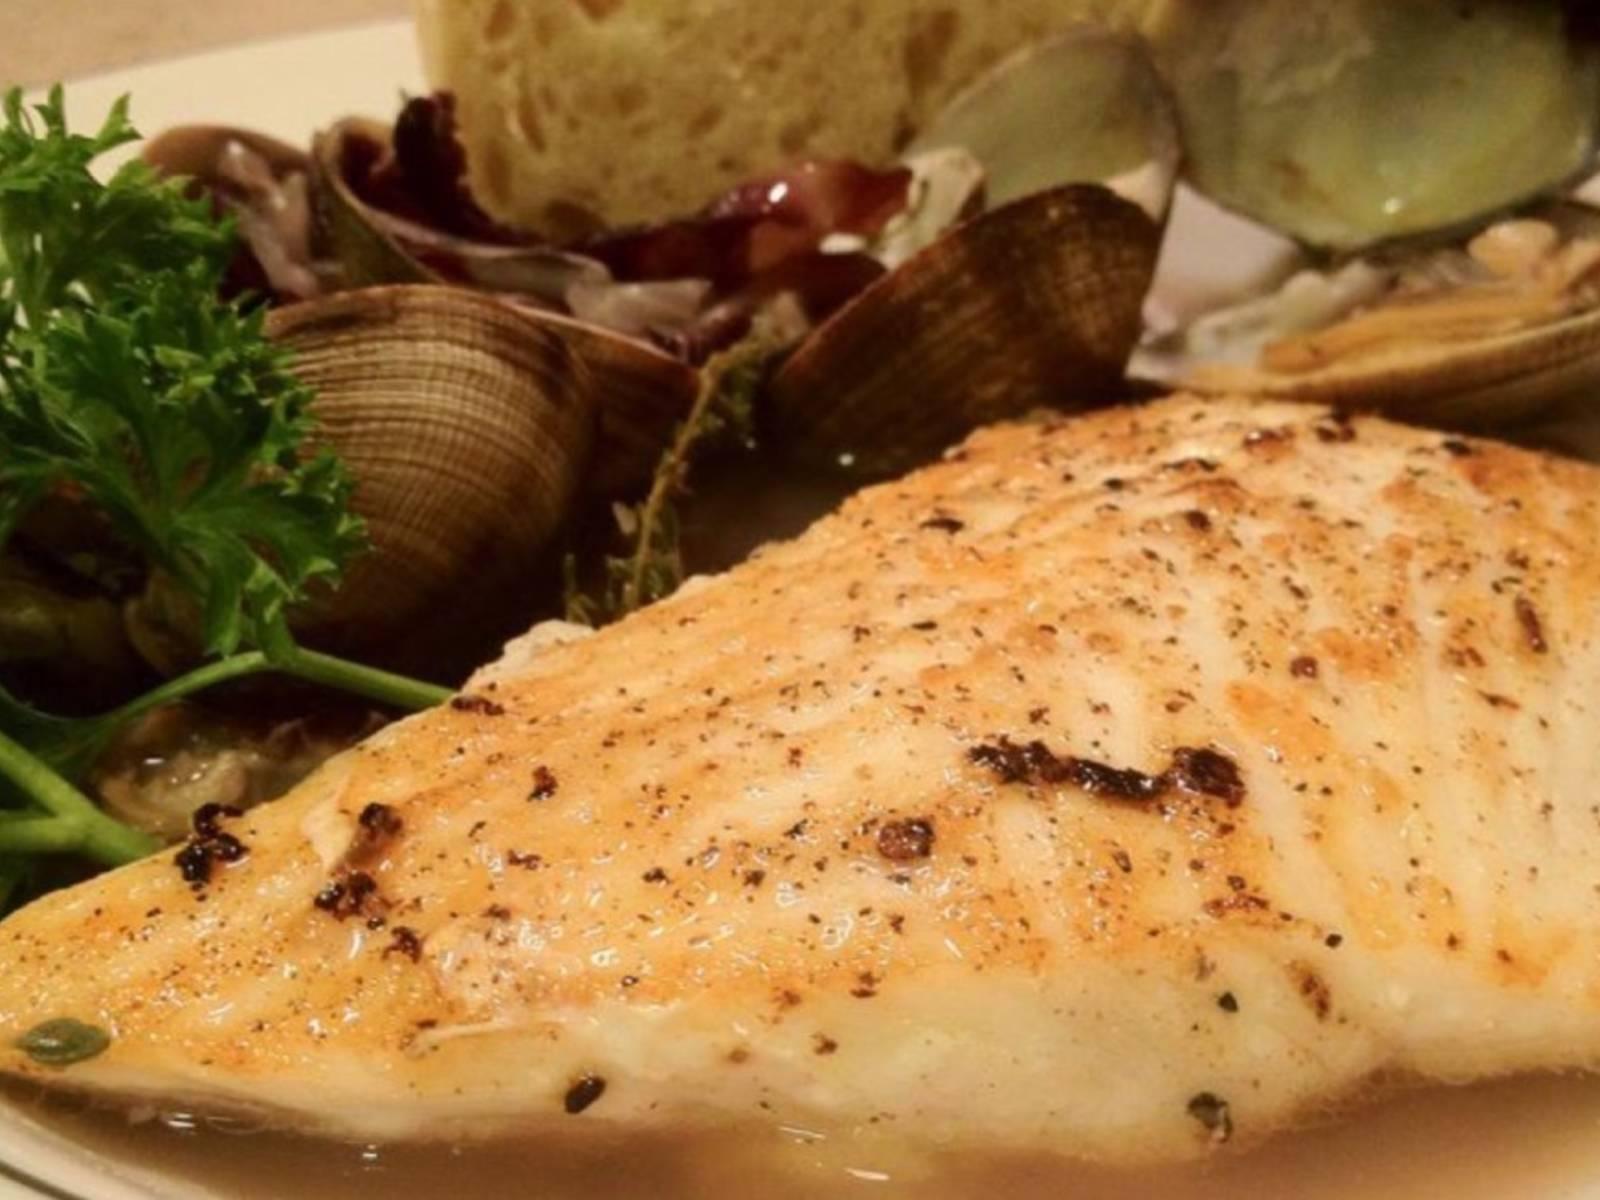 将蛤蜊、菊苣和培根盛入汤碗中,放上一片比目鱼,倒上高汤。饰以欧芹,佐以面包享用。